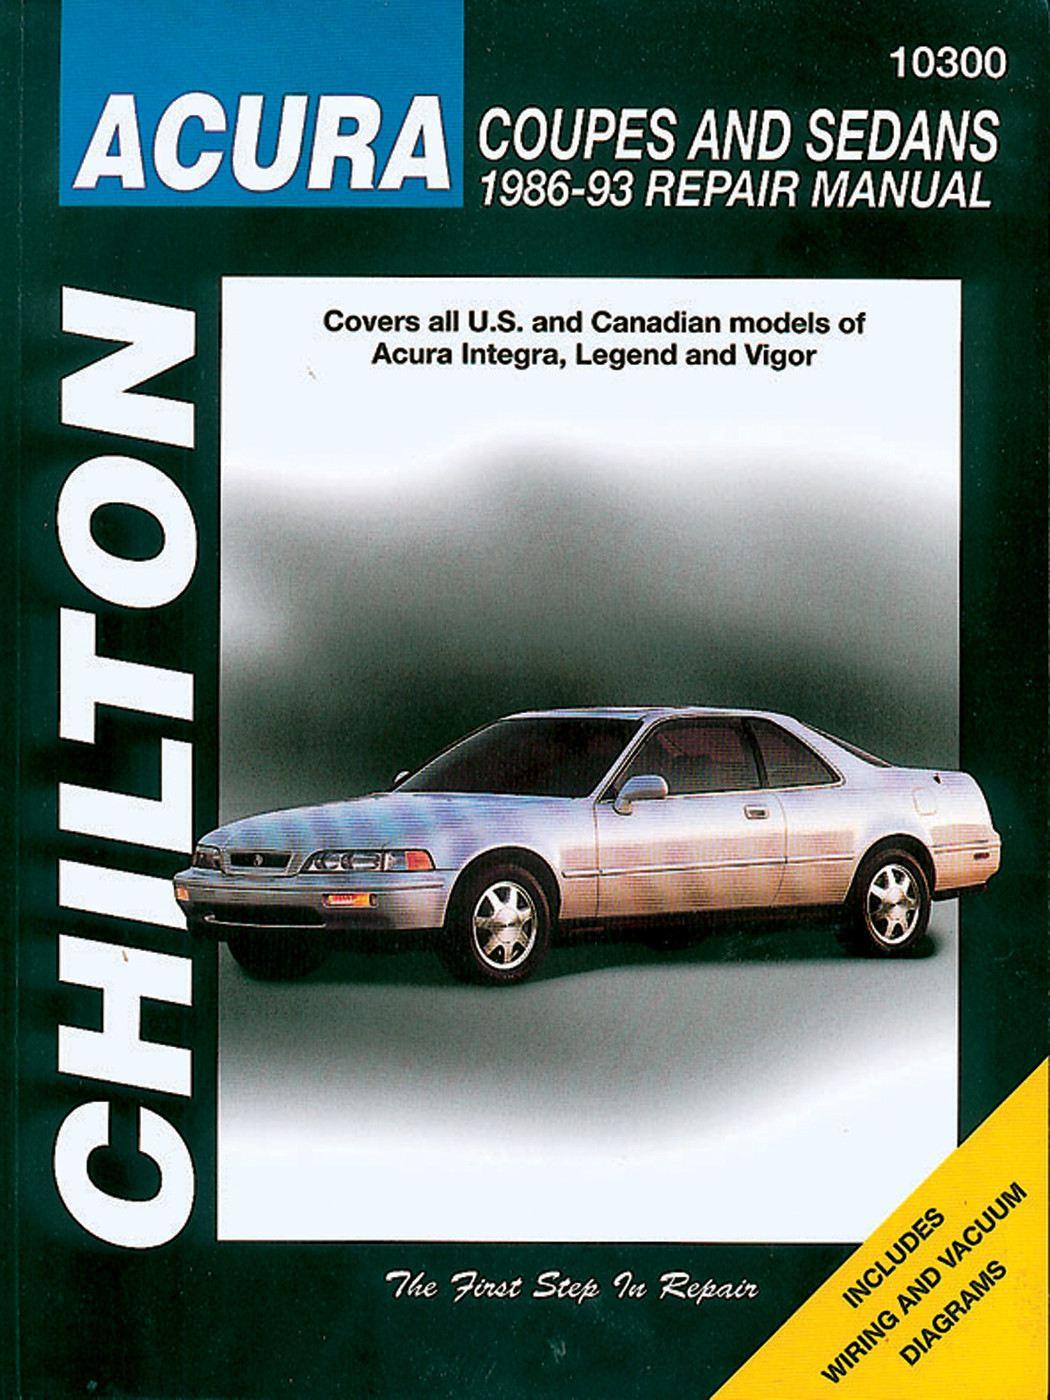 CHILTON BOOK COMPANY - Repair Manual - CHI 10300